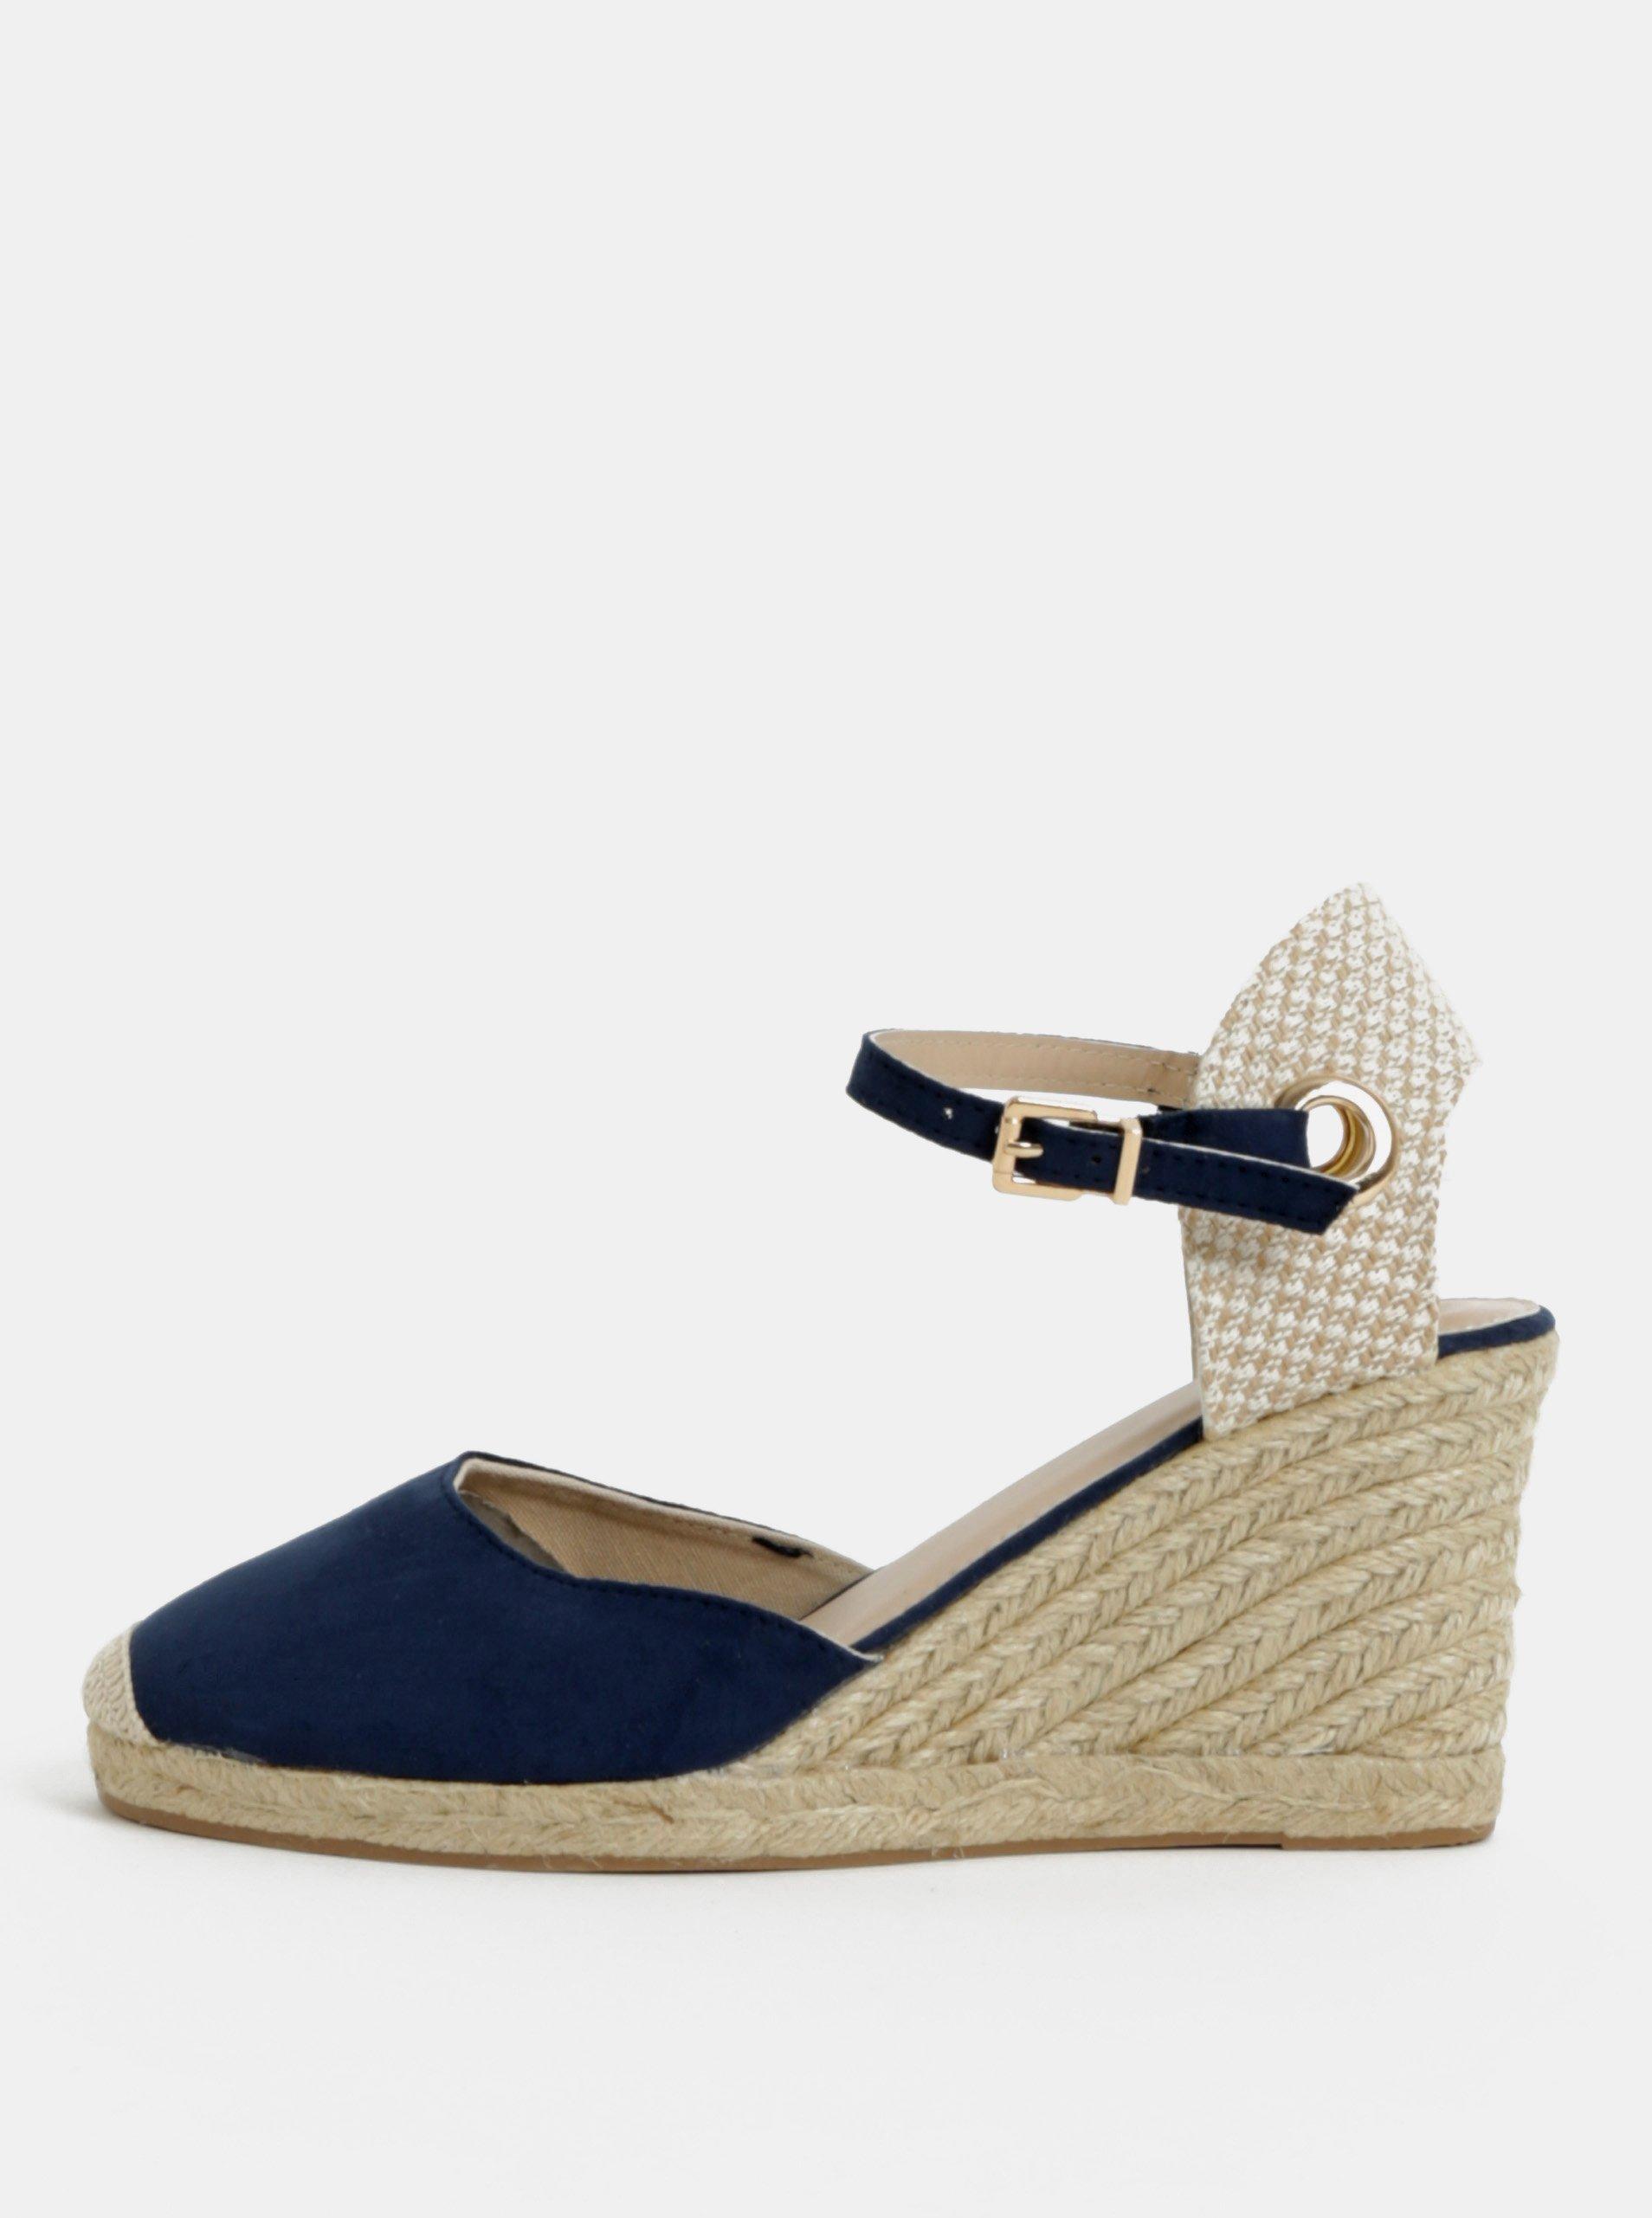 324d7a9bdfec Béžovo-modré sandále na klinovom podpätku Dorothy Perkins